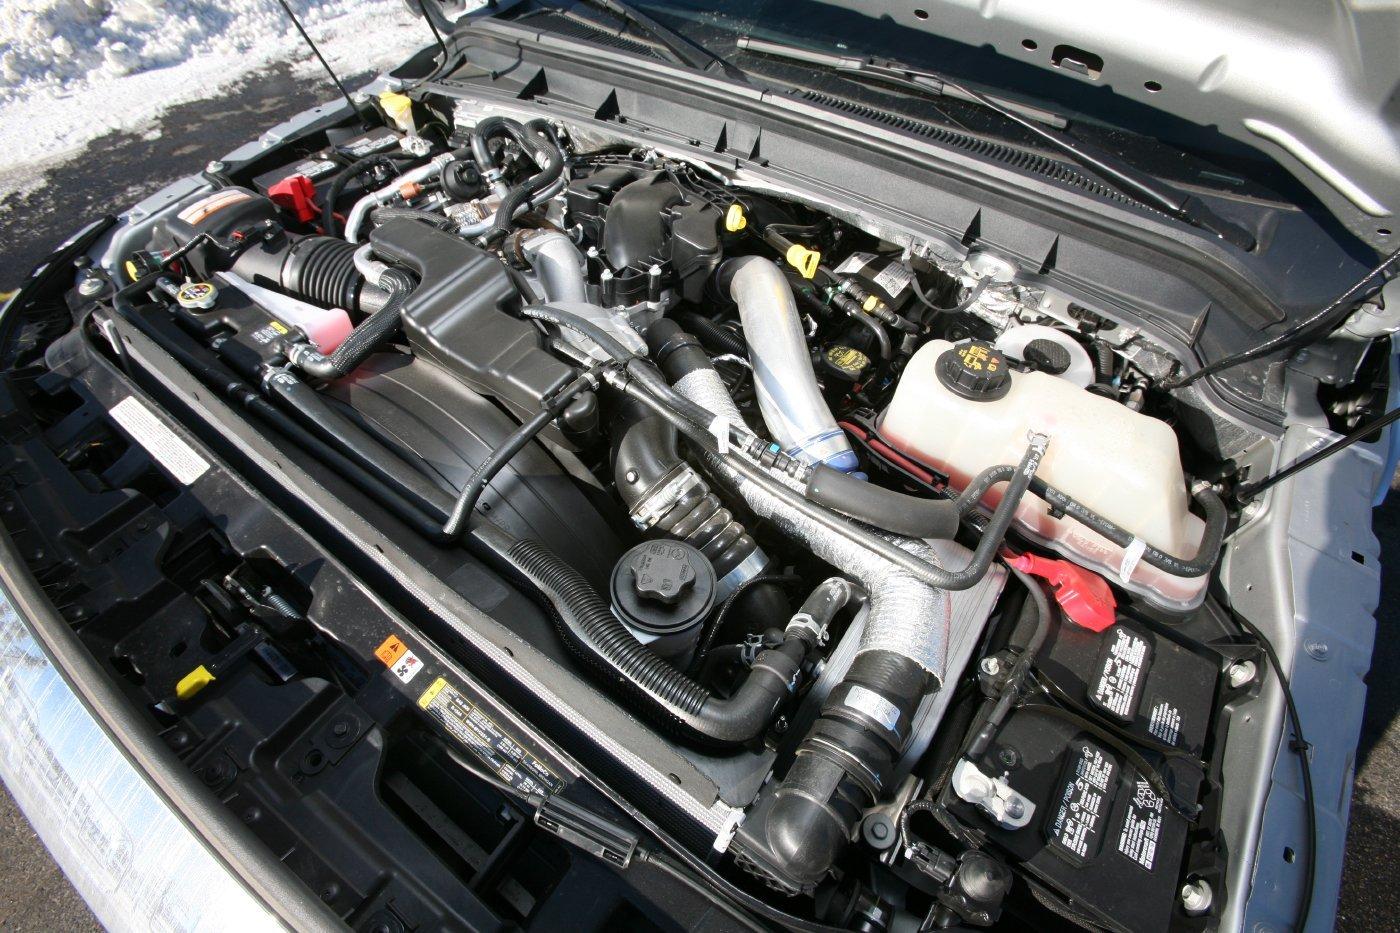 Power King Economy Wiring Diagram General Diesel Services Dooleys Diabolical Diesel